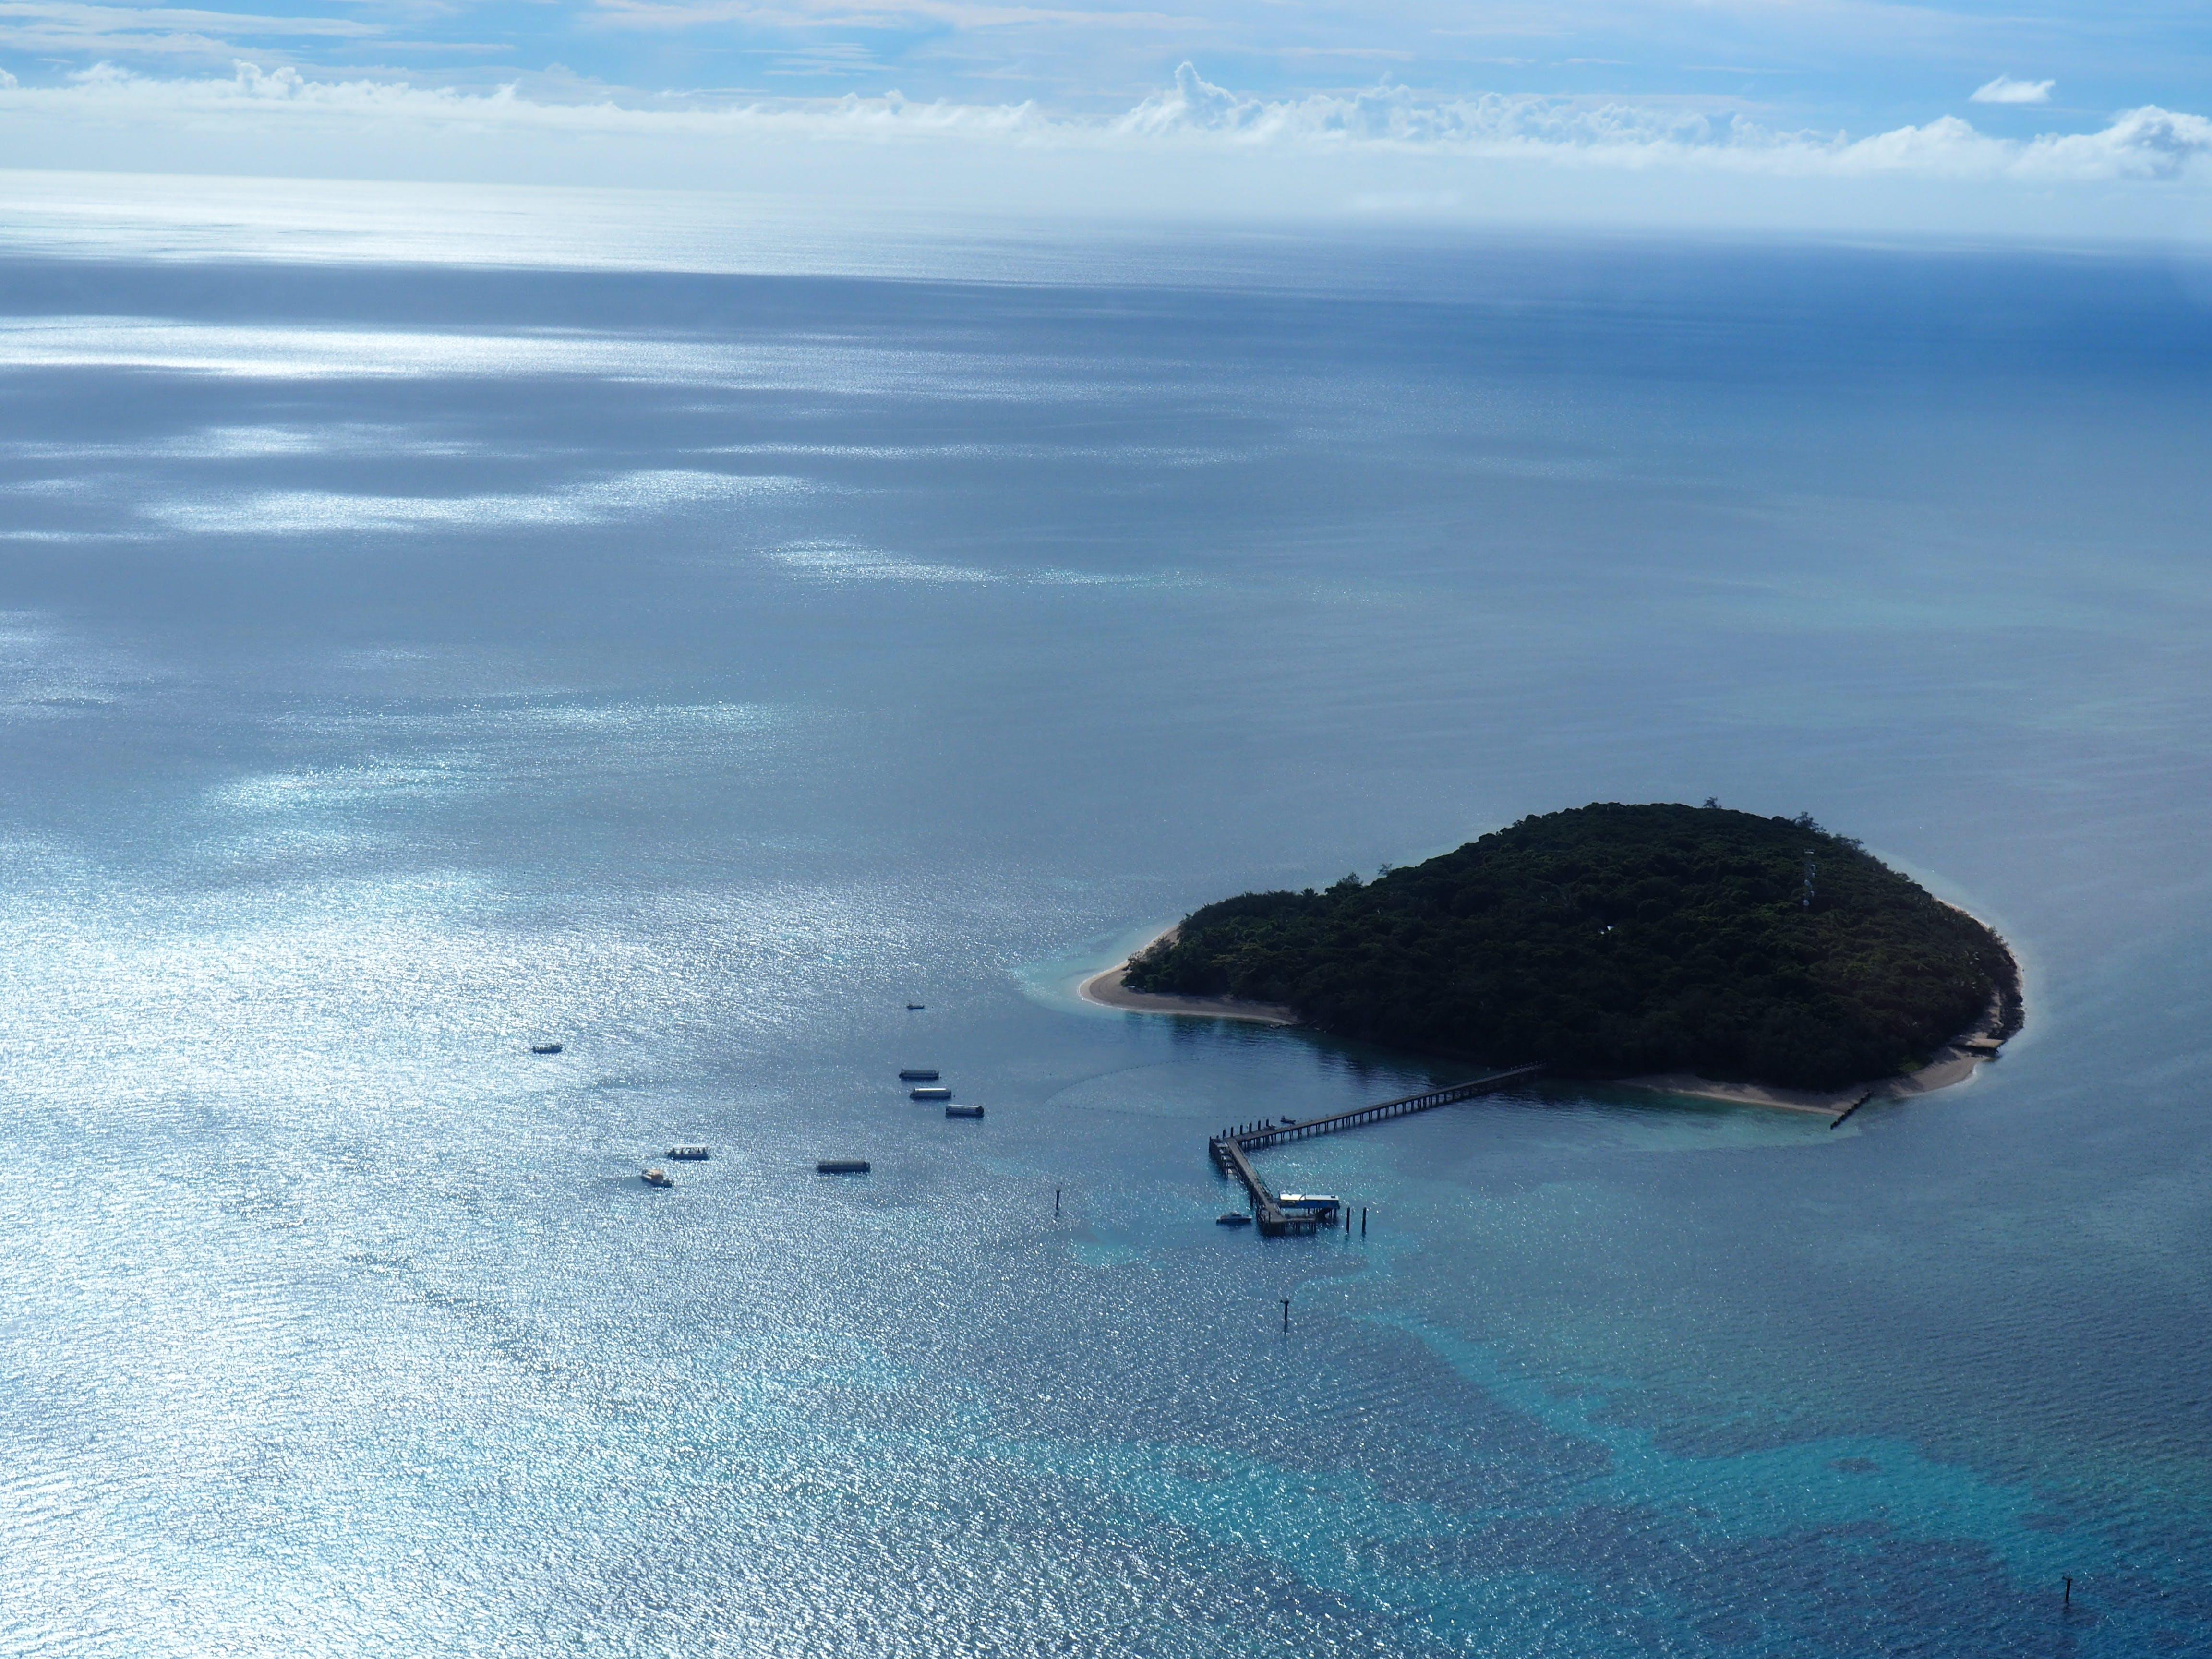 Gratis lagerfoto af blå, blåt vand, ferie, fugleperspektiv